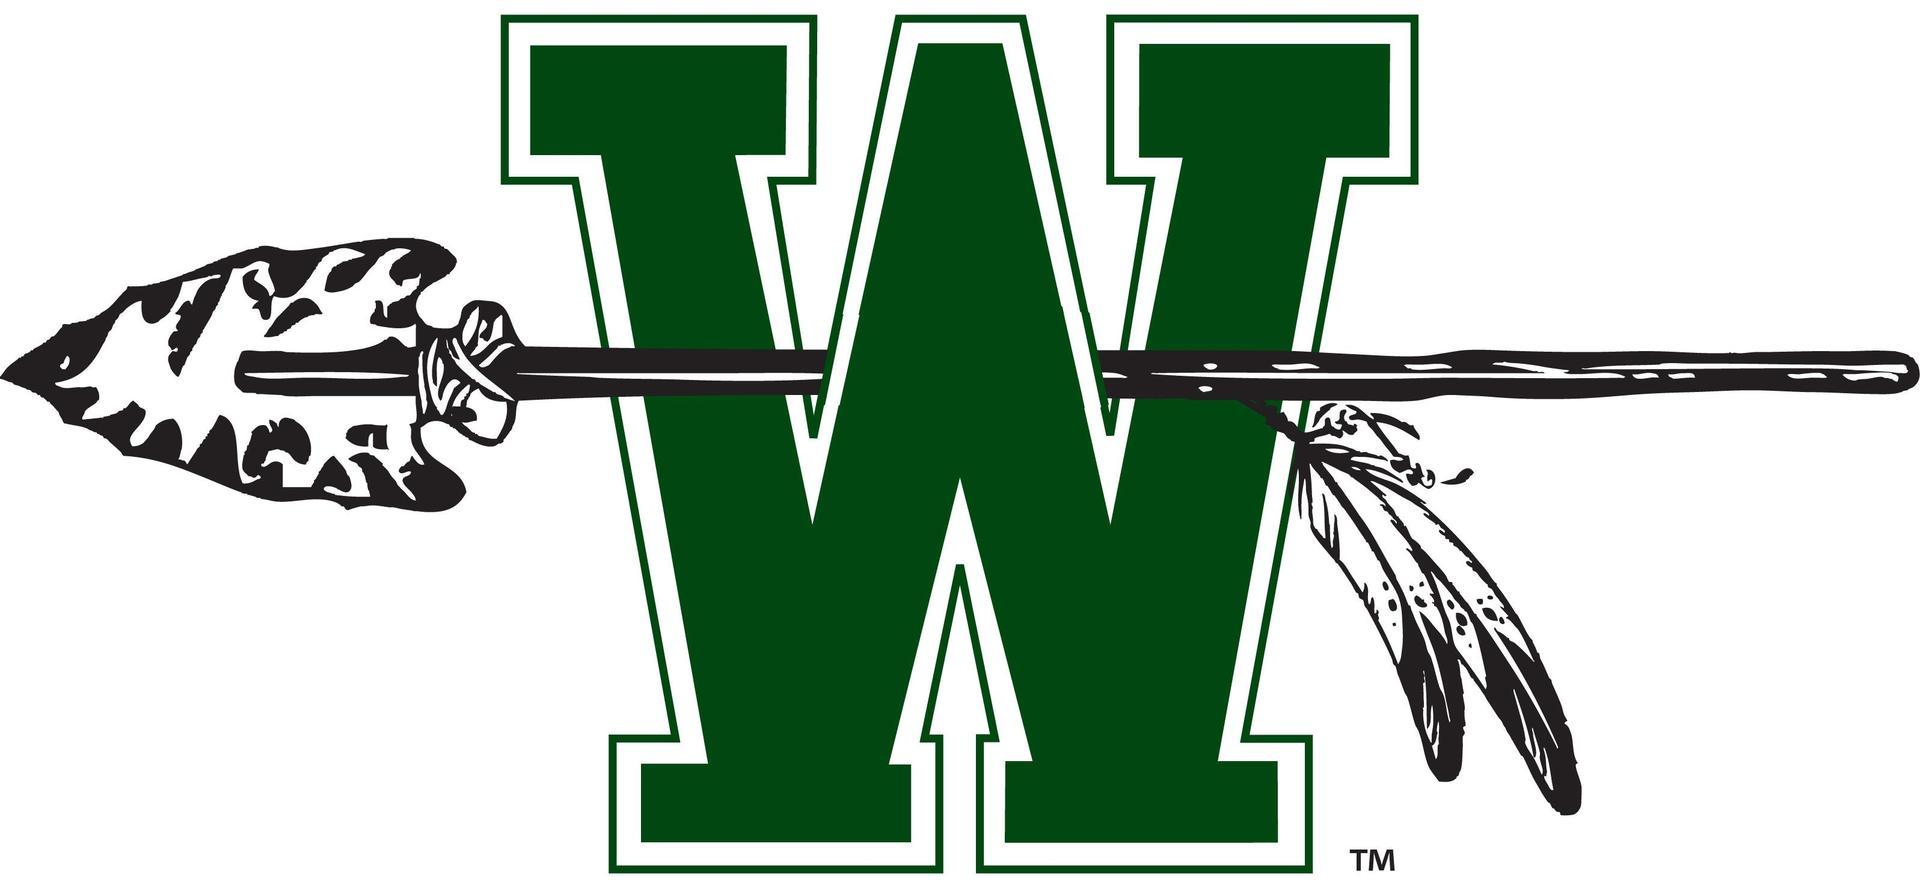 waxahachie high school logo